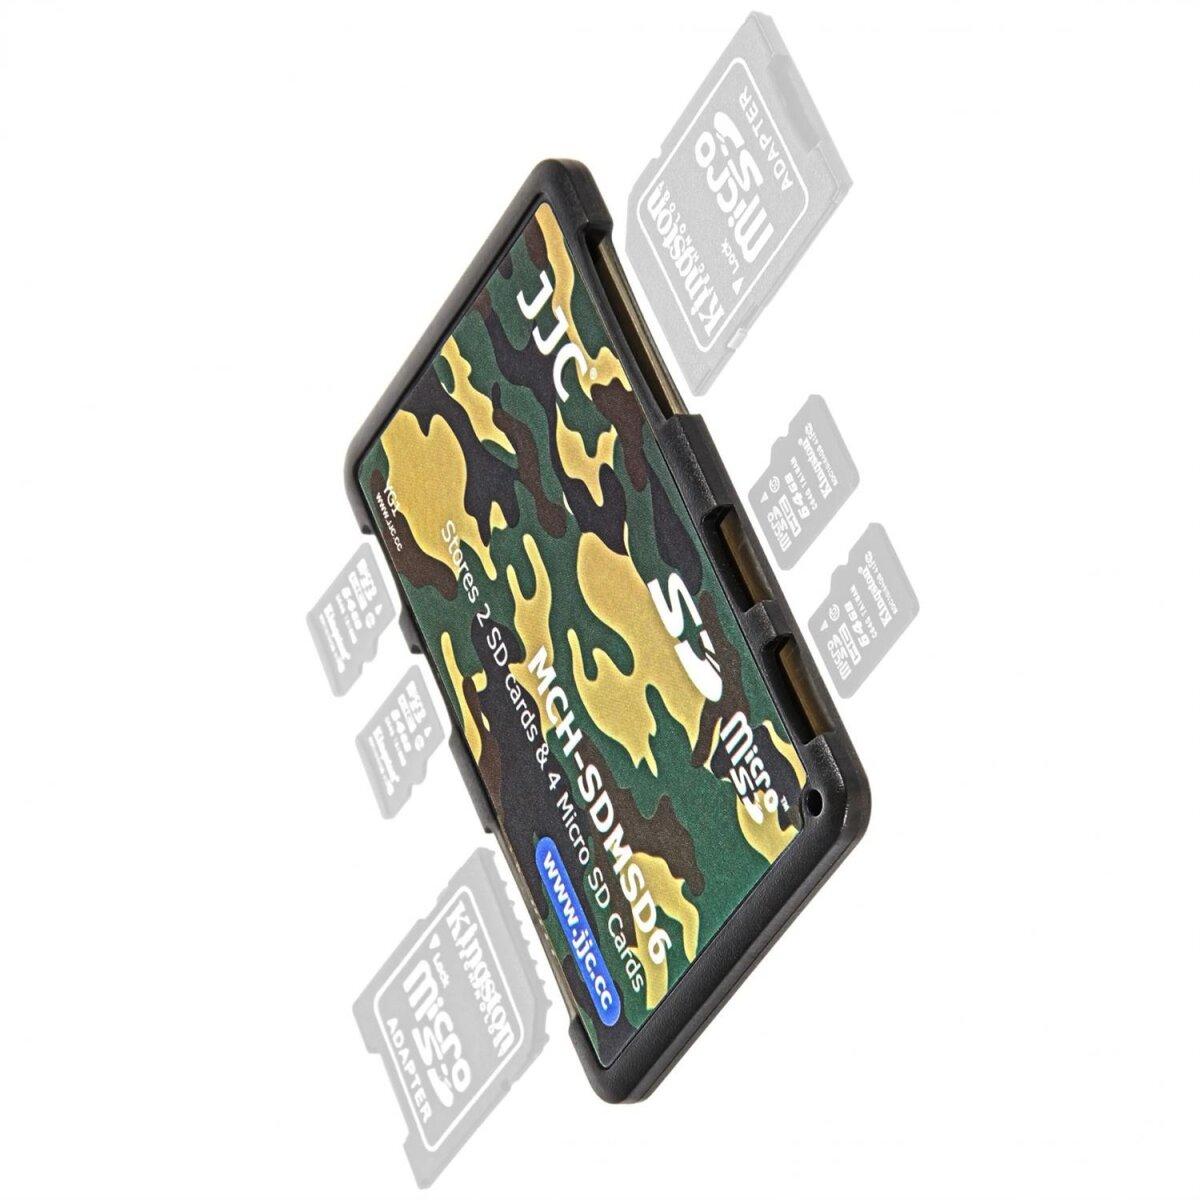 JJC extrem Kompaktes Speicherkartenetui Aufbewahrungsbox im Kreditkarten-Format fuer 2 x SD SDHC SDXC und 4 x MicroSD - Farbe Flecktarn